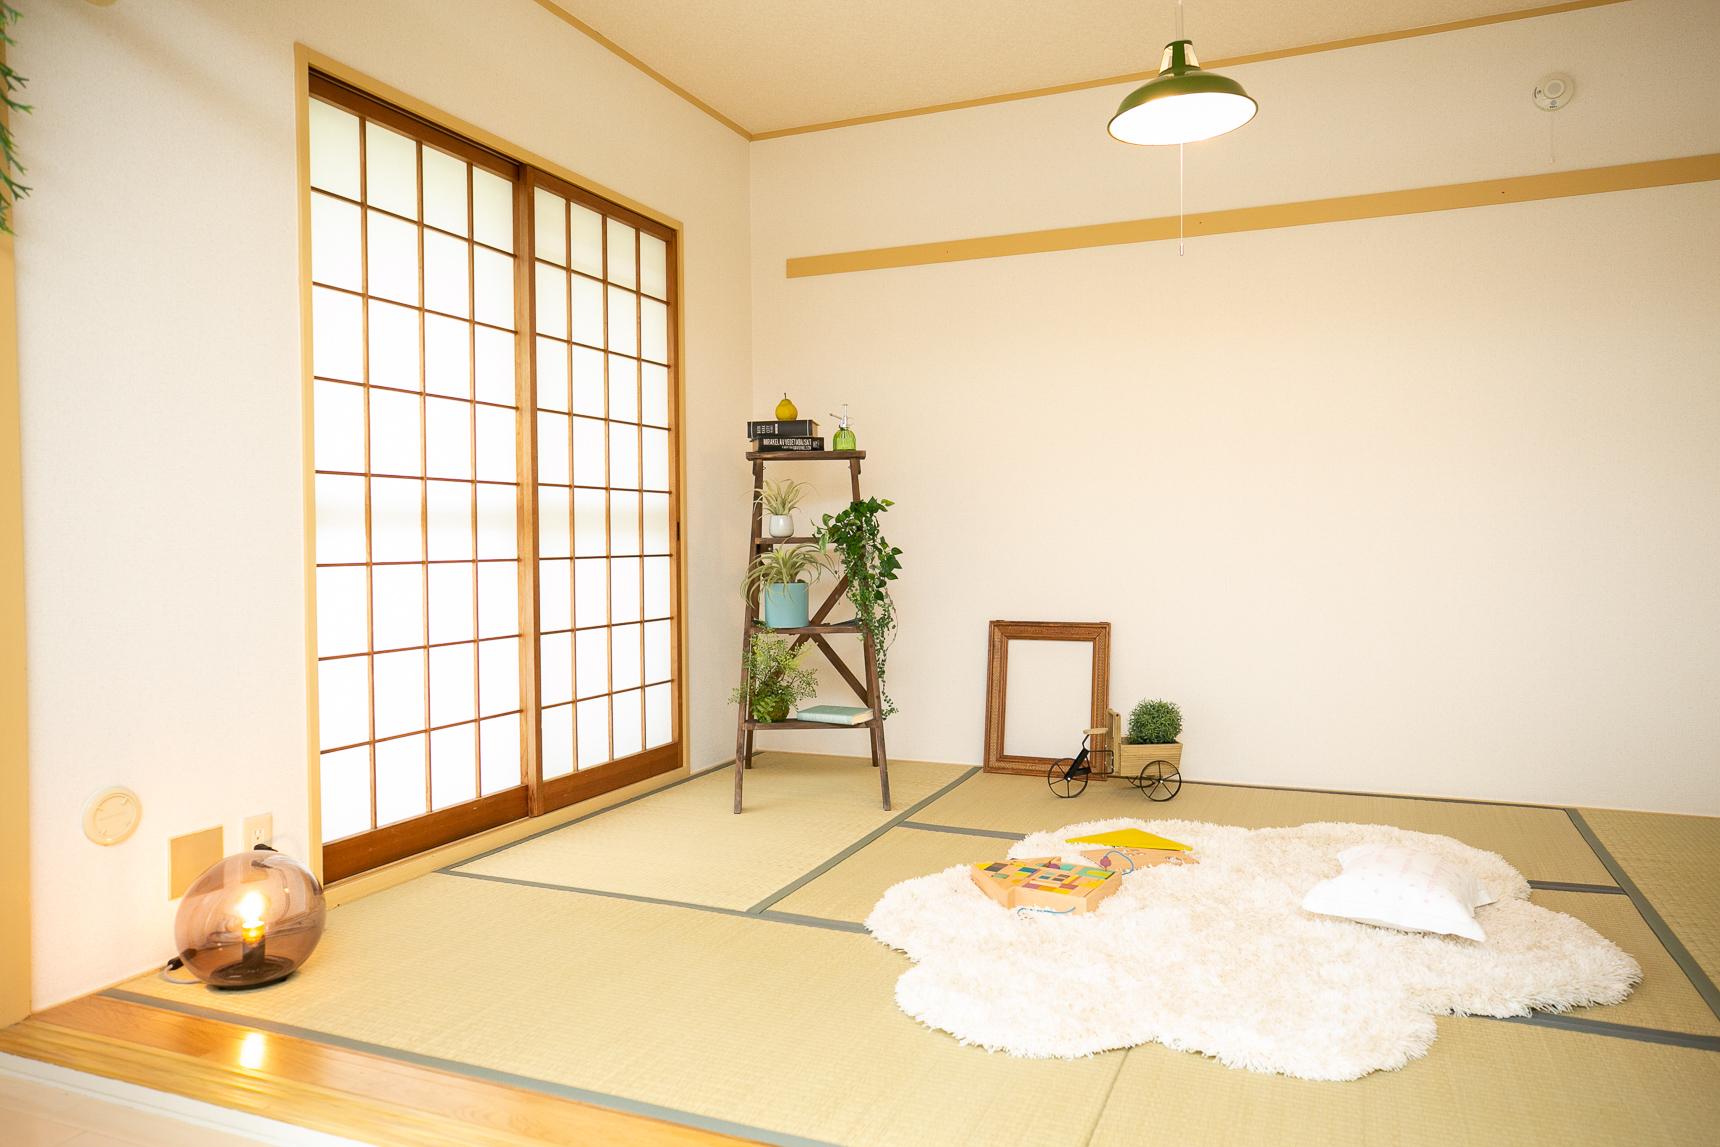 リビングの隣にある和室は、子どもが遊んだり、お昼寝したりに便利そう